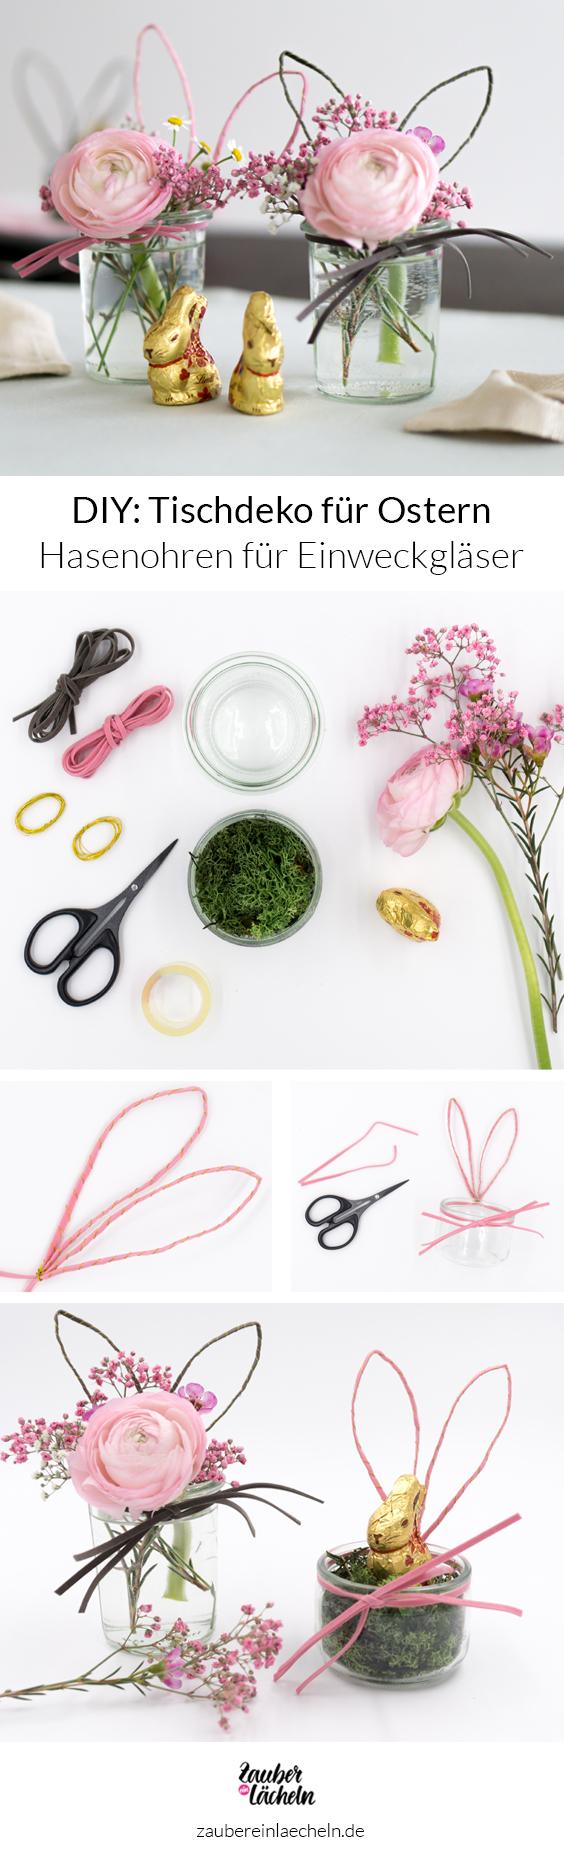 DIY-Anleitung Tischdeko für Ostern: Einweckglas mit Hasenohren und Schnurrbarthaaren. EInfch nach Anleitung nachmachen und tolle Blumenvasen und kleine Geschenke für den Tisch selber machen.